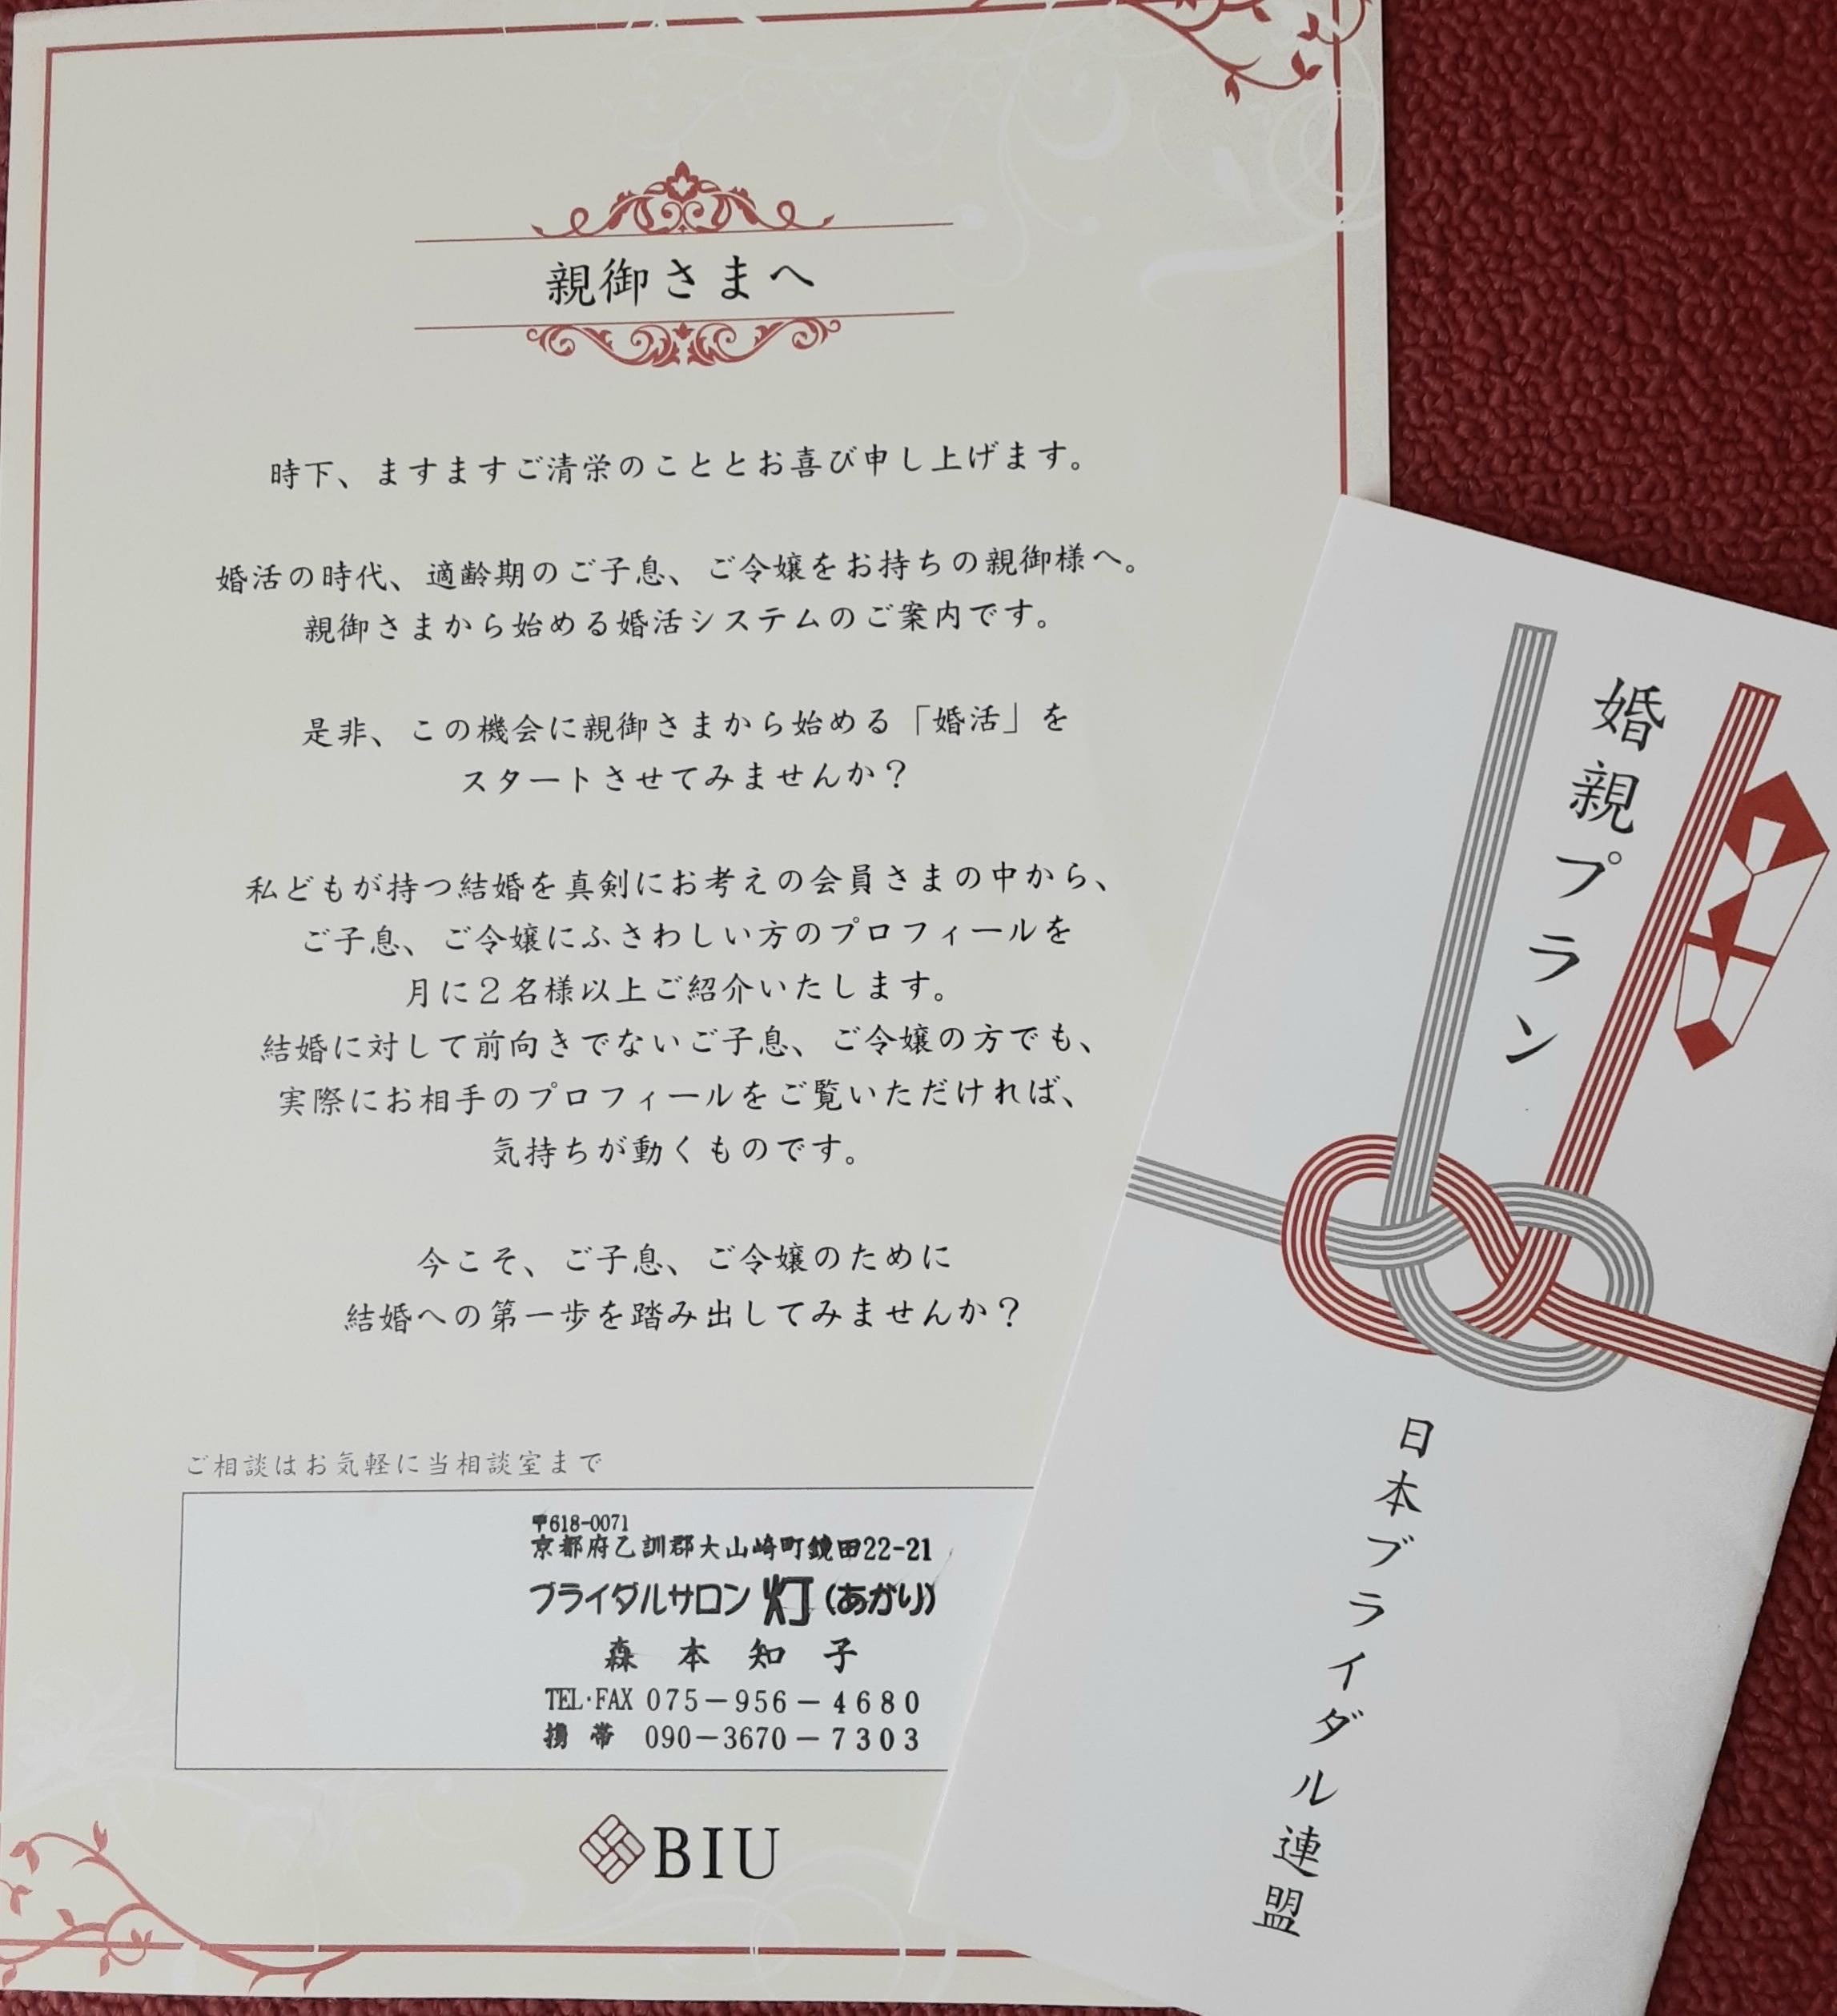 『ブライダルサロン灯』では『婚親プラン』の親の代理婚活があり、子供さんへの結婚に対する意識を高めるプランです💖